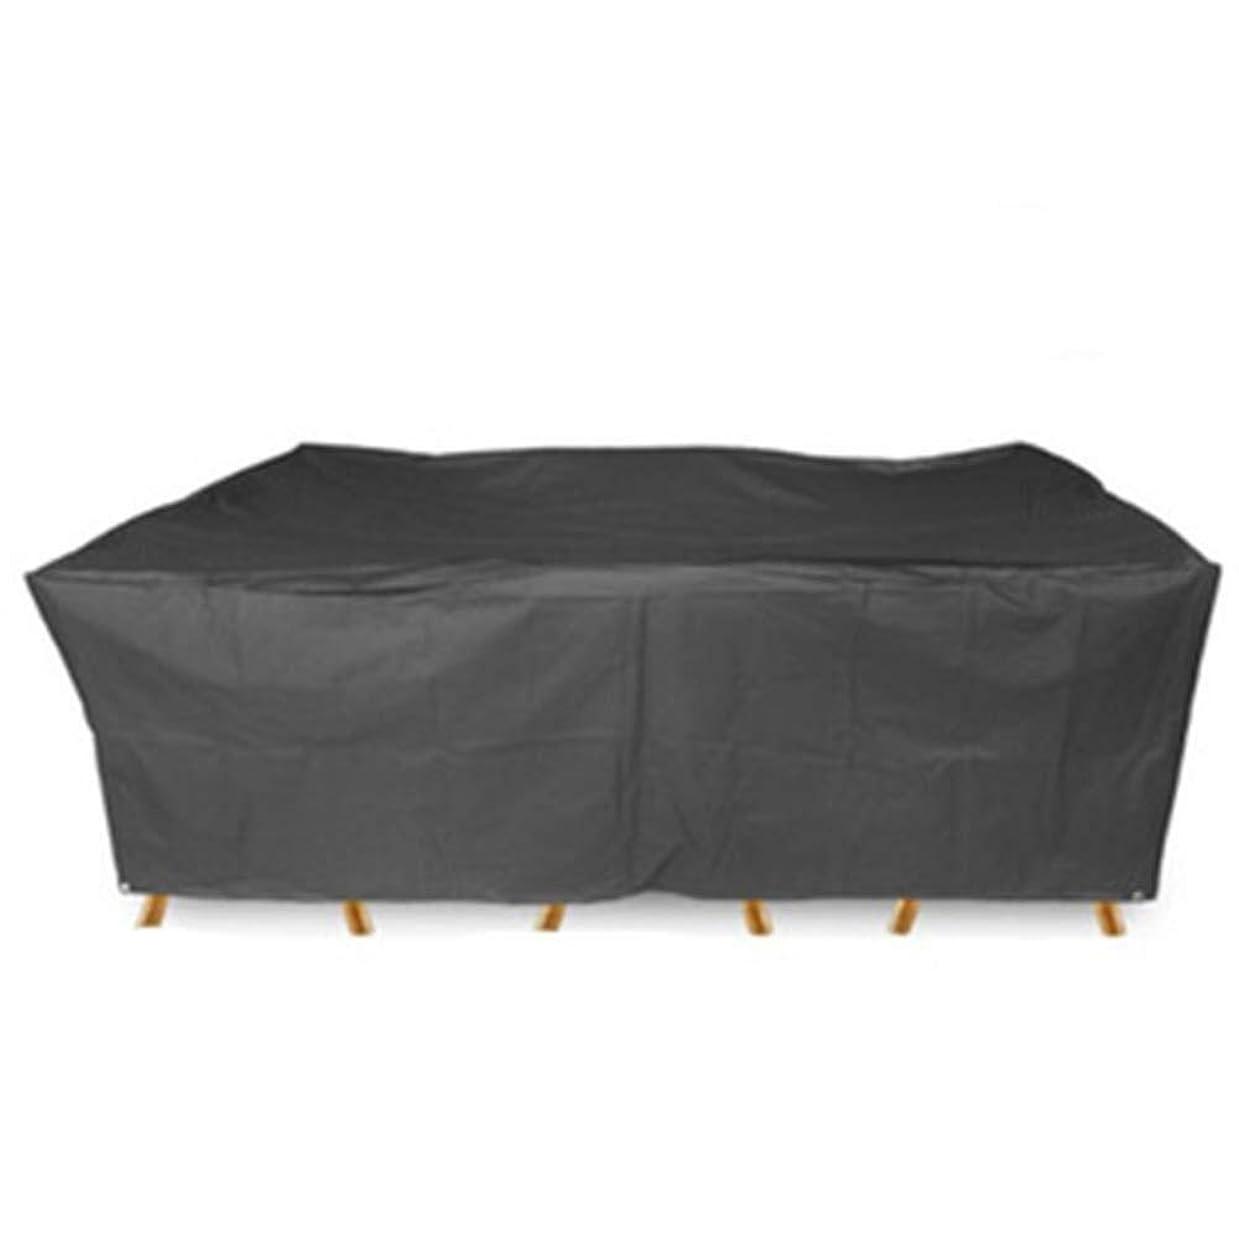 神話チャペルショルダーガーデンテーブル保護カバー 210 Dオックスフォード生地ガーデン家具カバーパティオキューブ籐の椅子セットレインカバー Fa Rongxin (Color : Black, Size : 213x132x74cm)